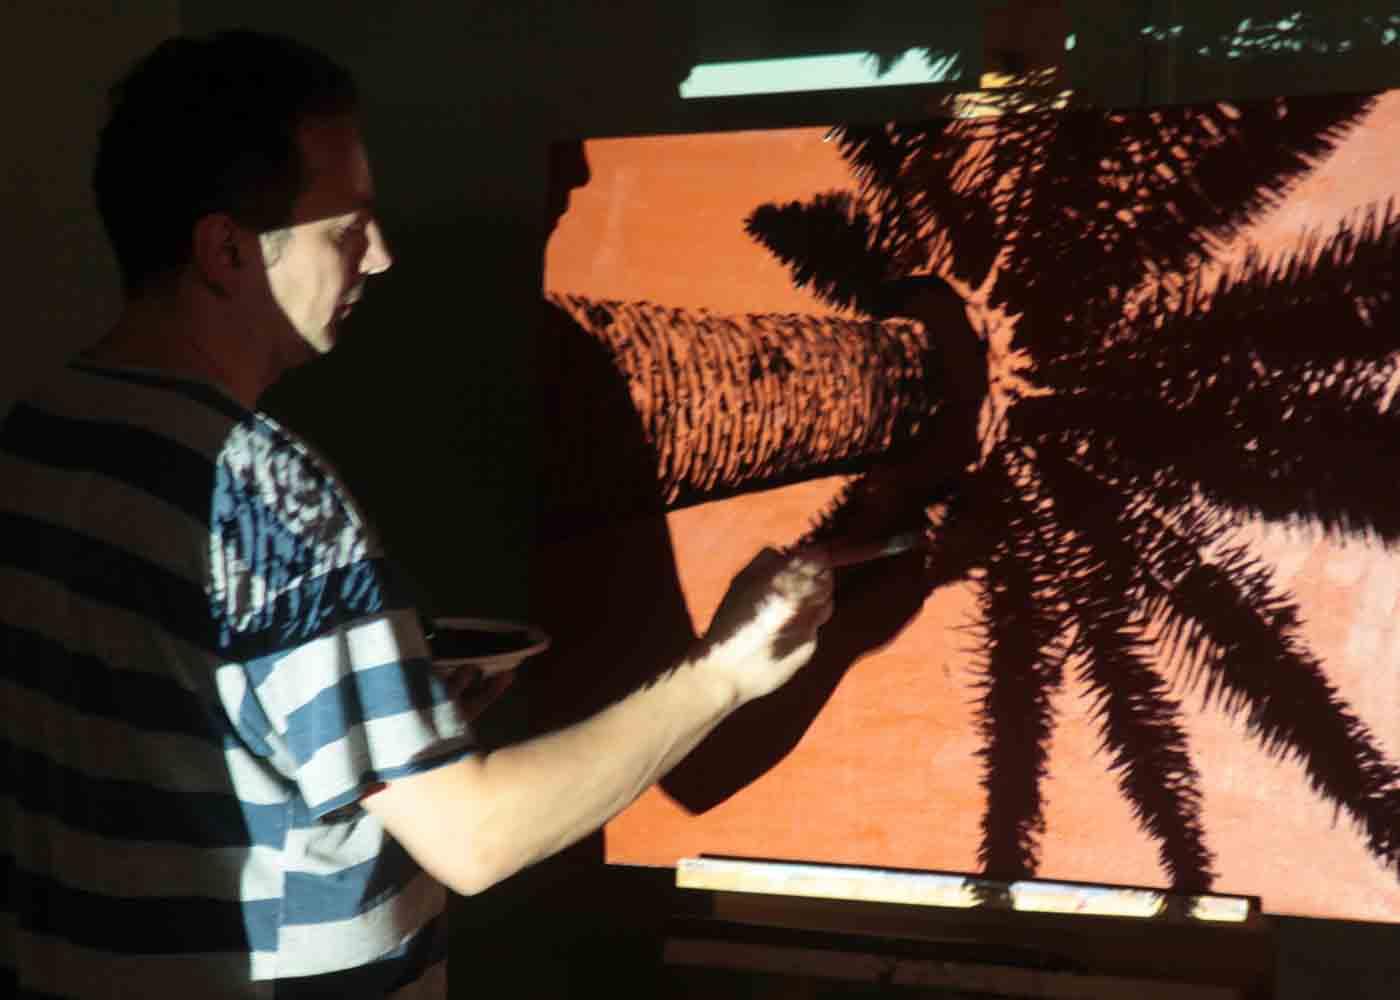 Lipanjski međunarodni likovni događaj – Art kolonija Paradiso